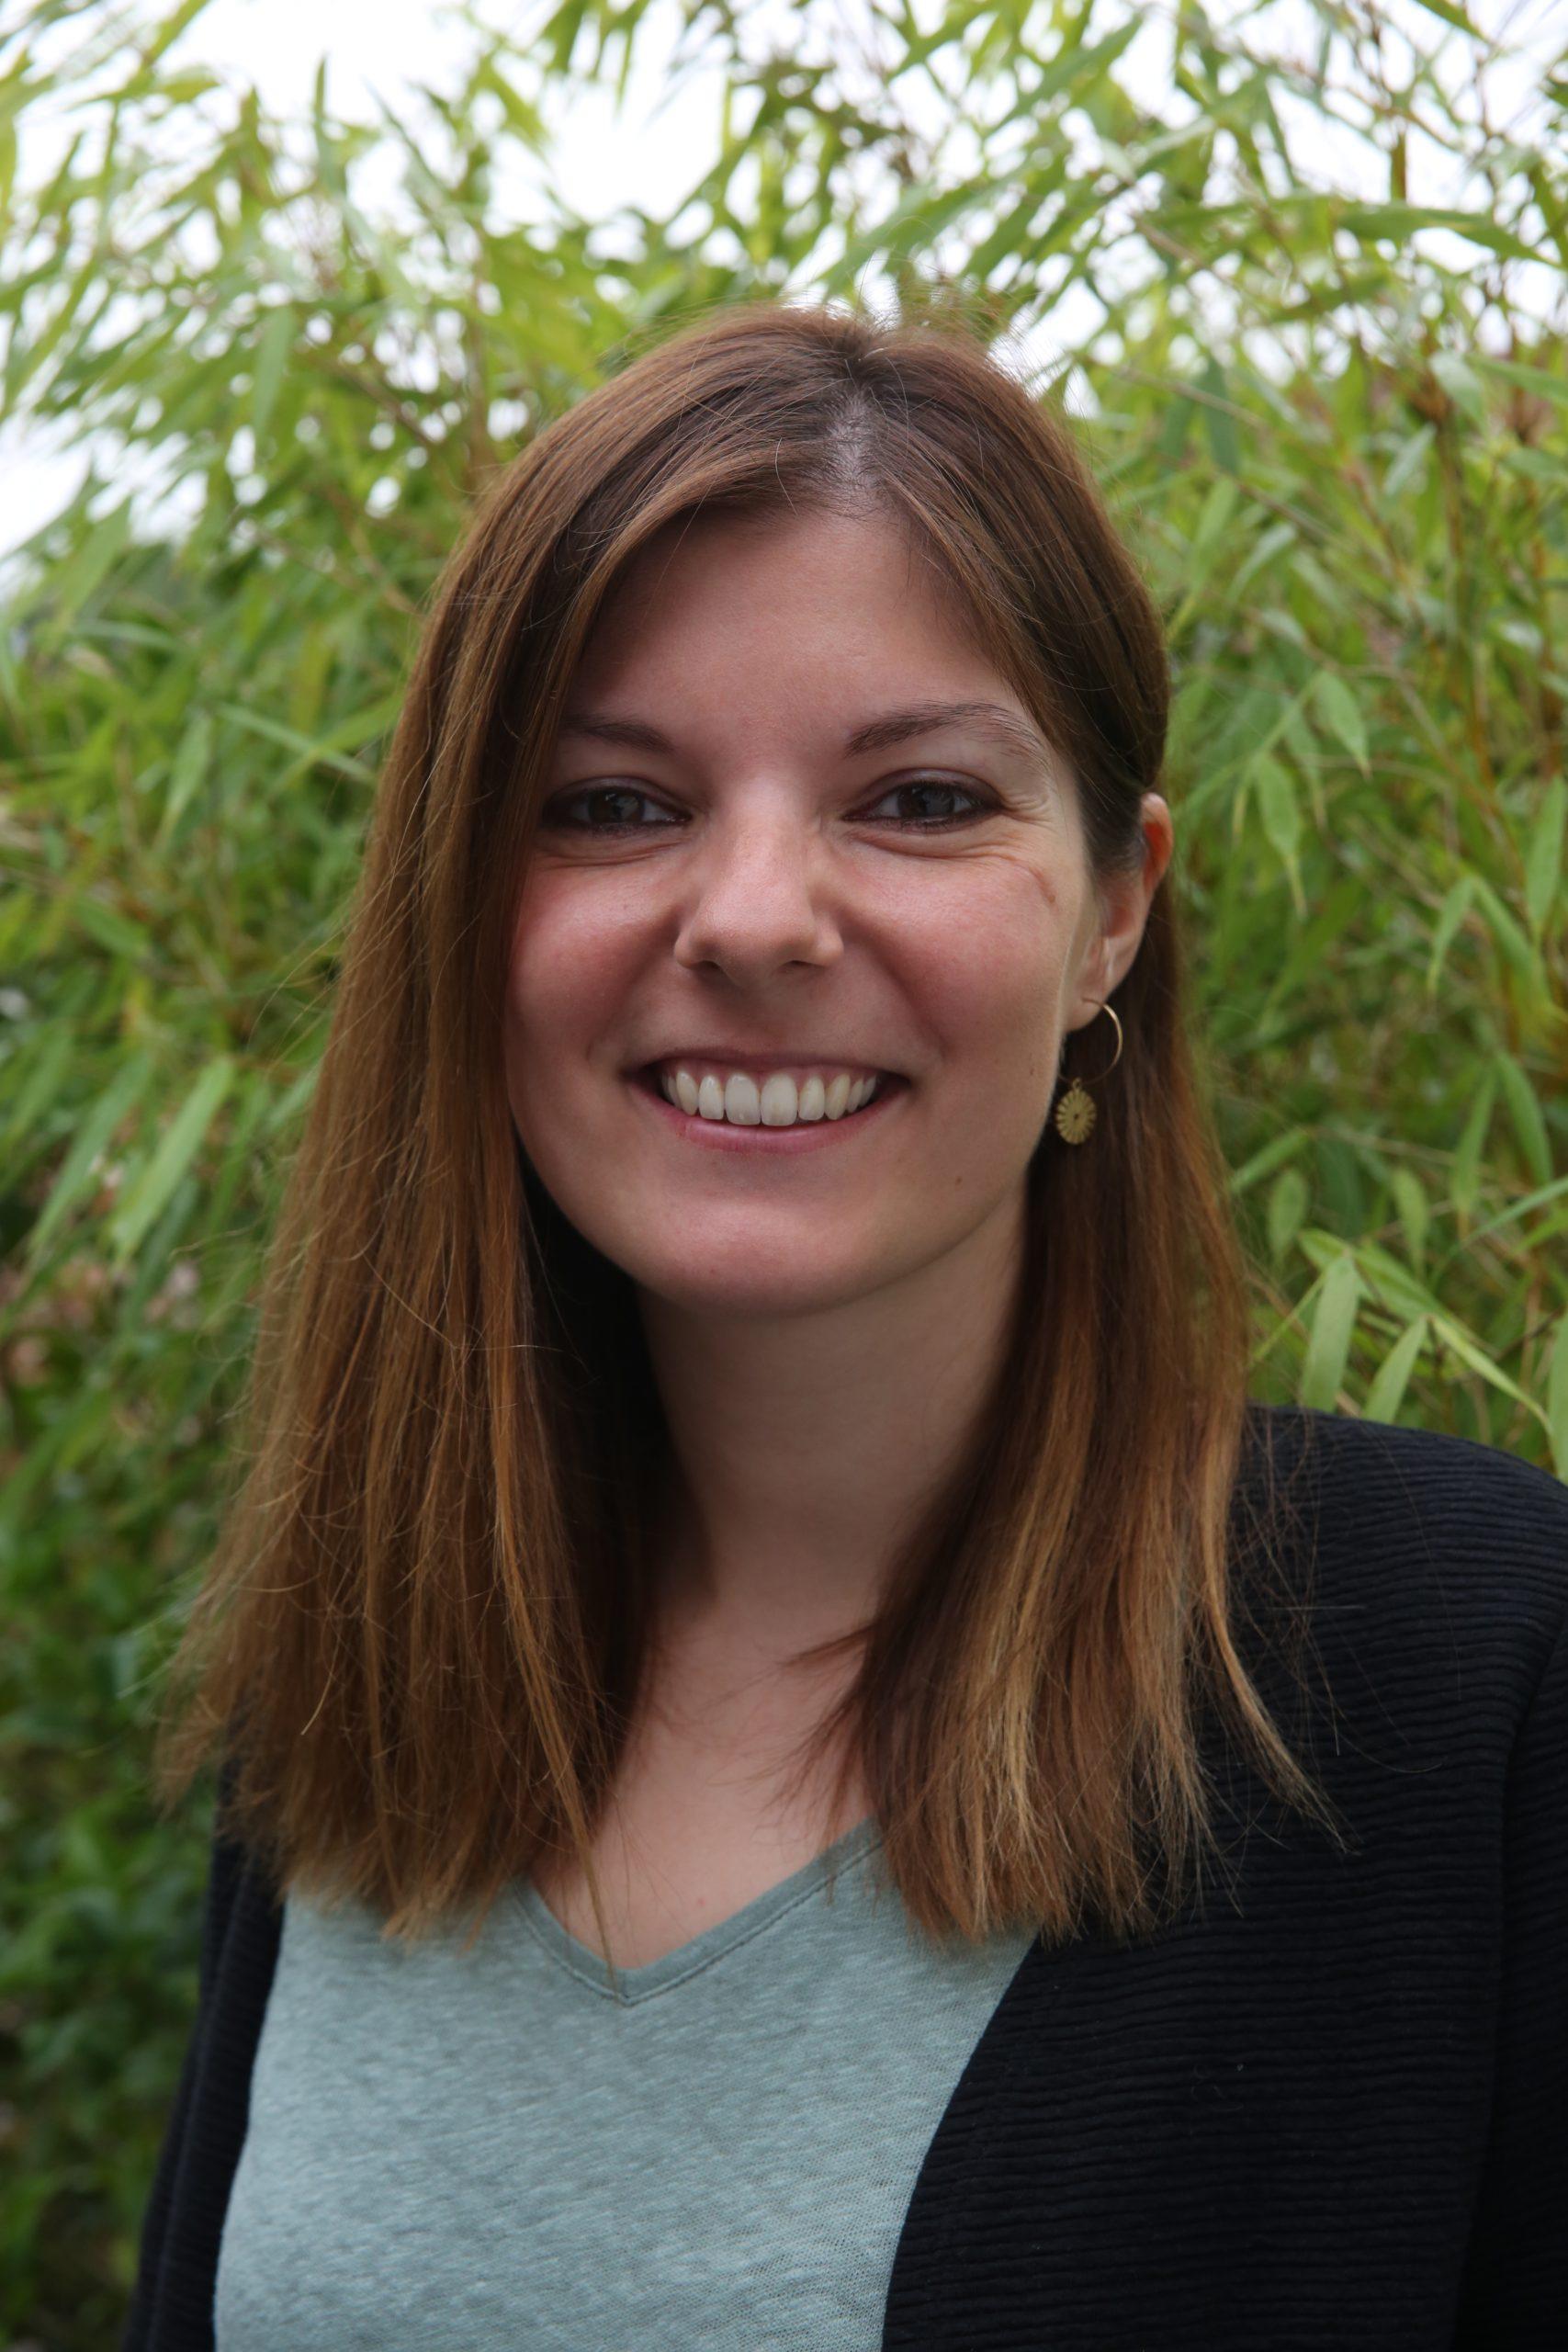 Claire Philis